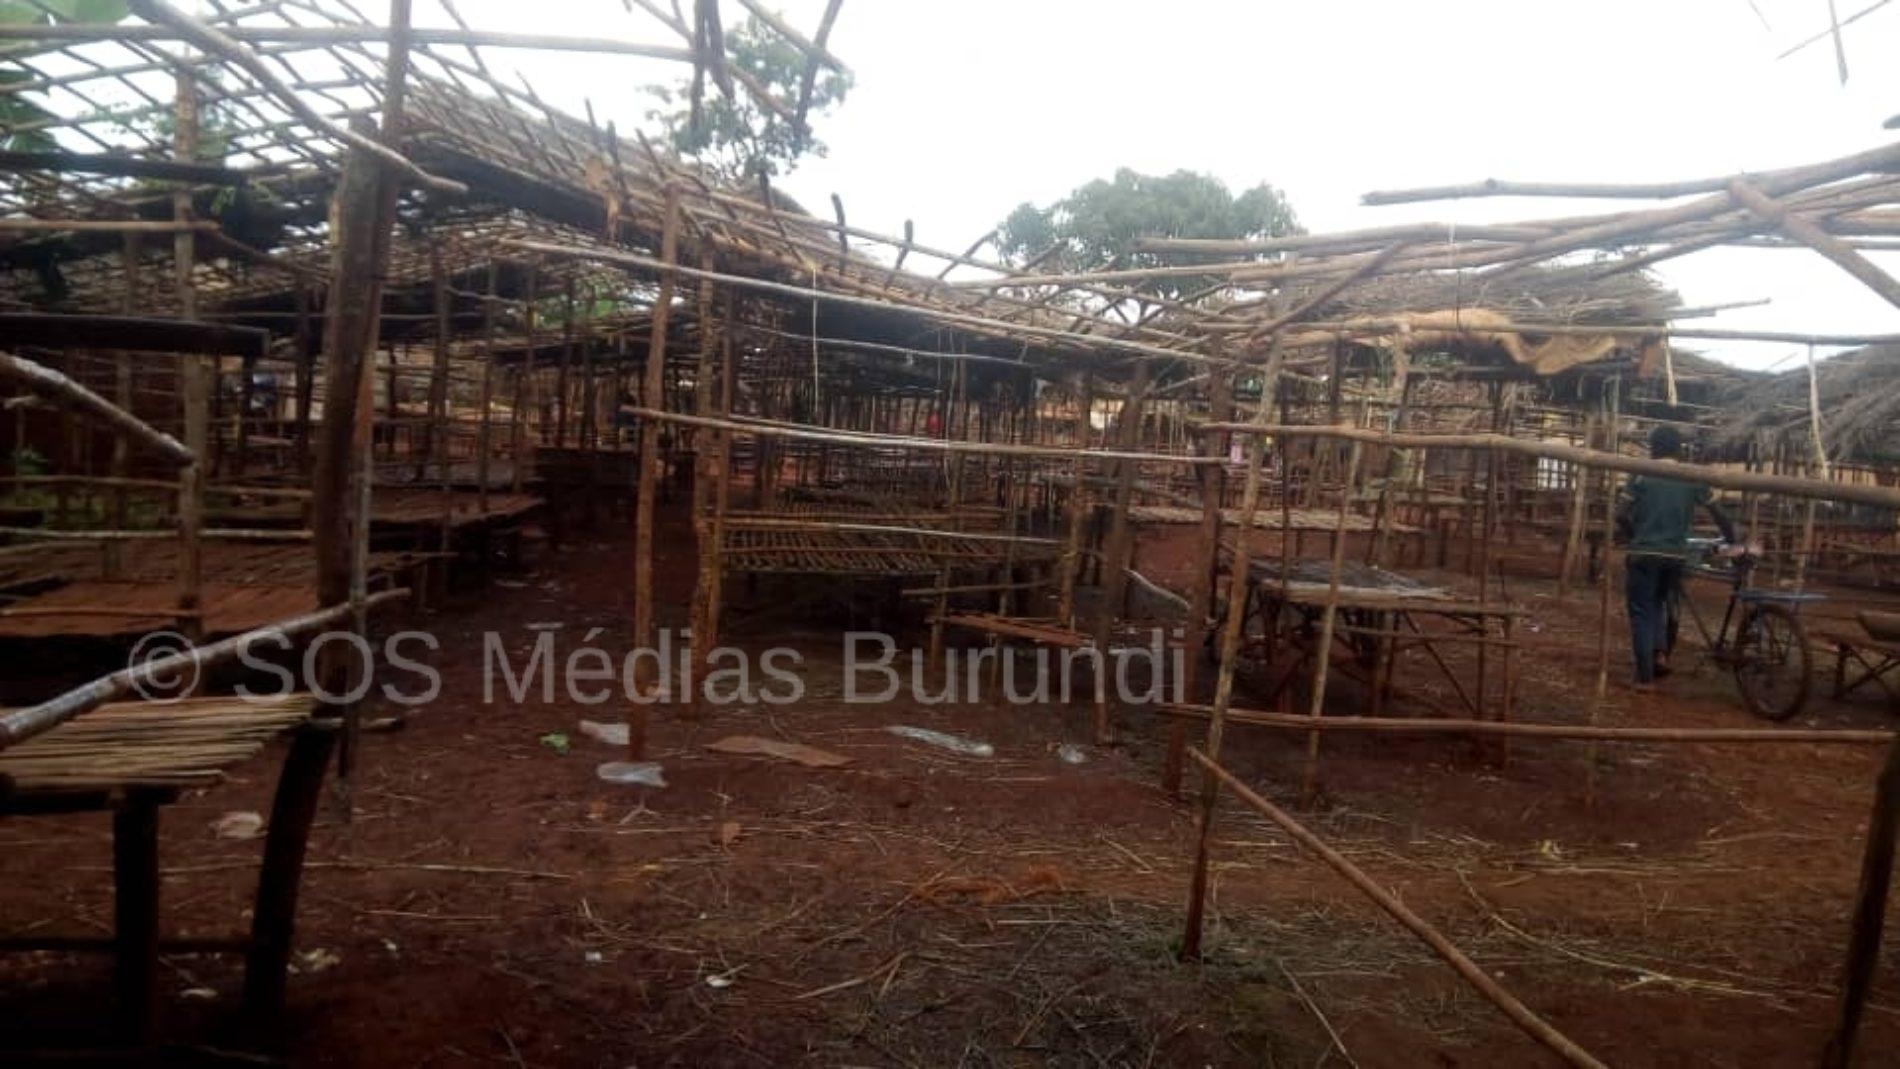 Nyarugusu (Tanzanie) : le marché central fermé